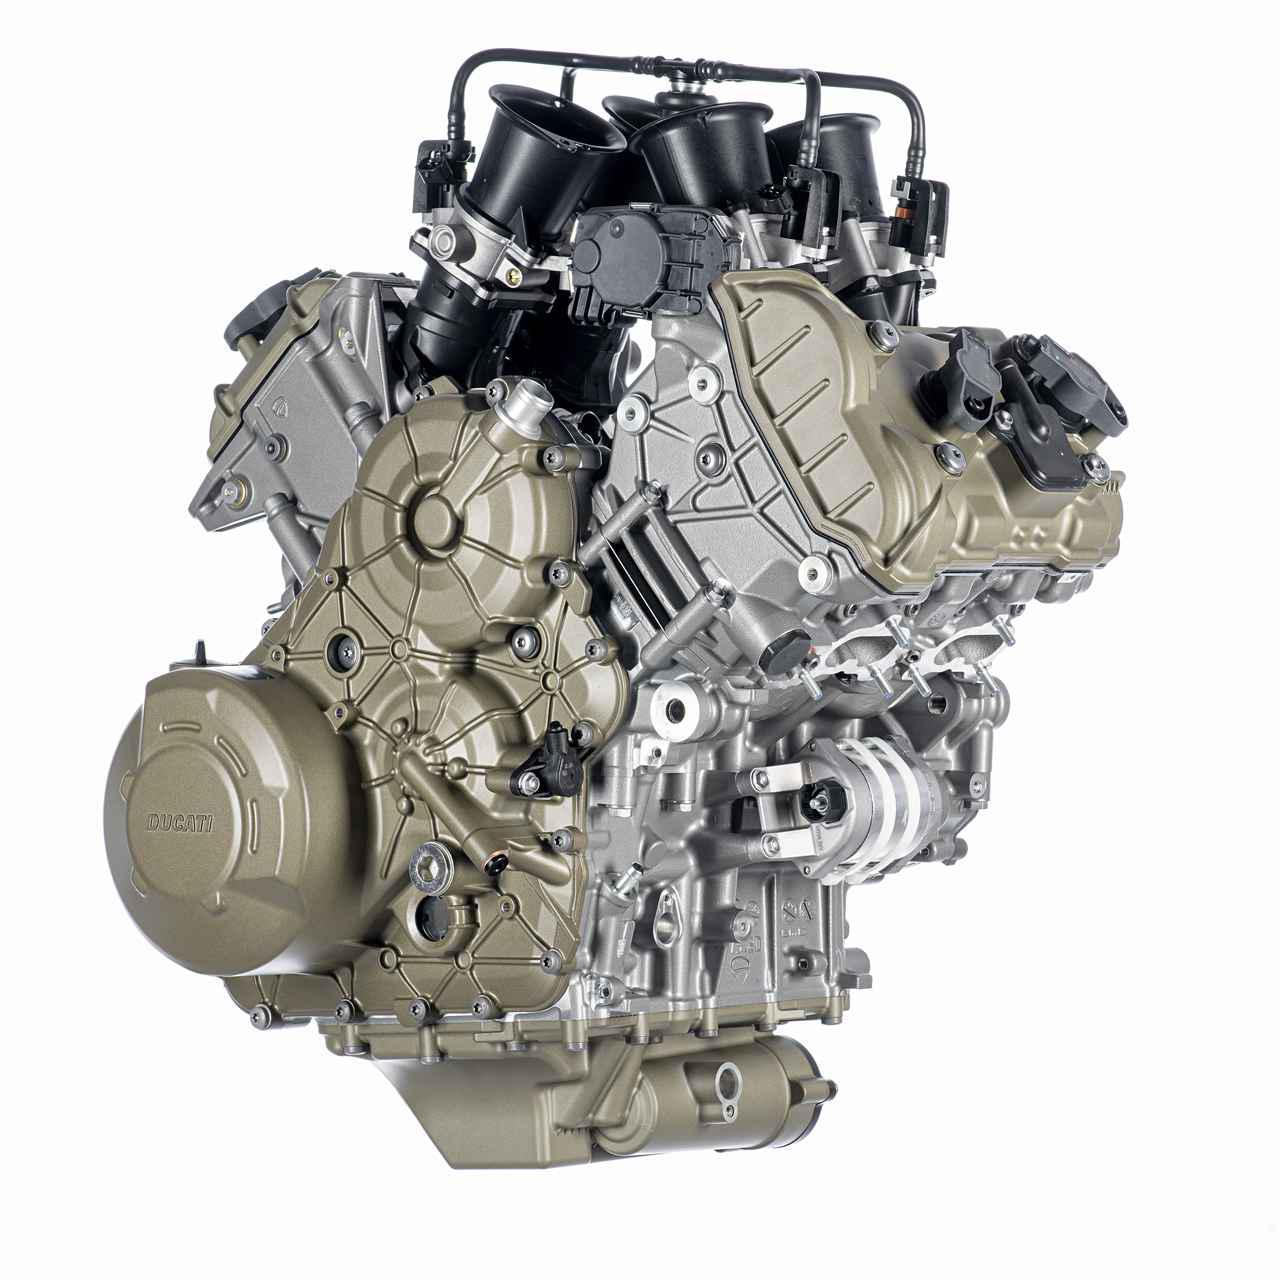 画像1: 【2021速報】ドゥカティが新型車「ムルティストラーダV4」をチラ見せ! 完全新設計のV型4気筒エンジンの詳細を発表